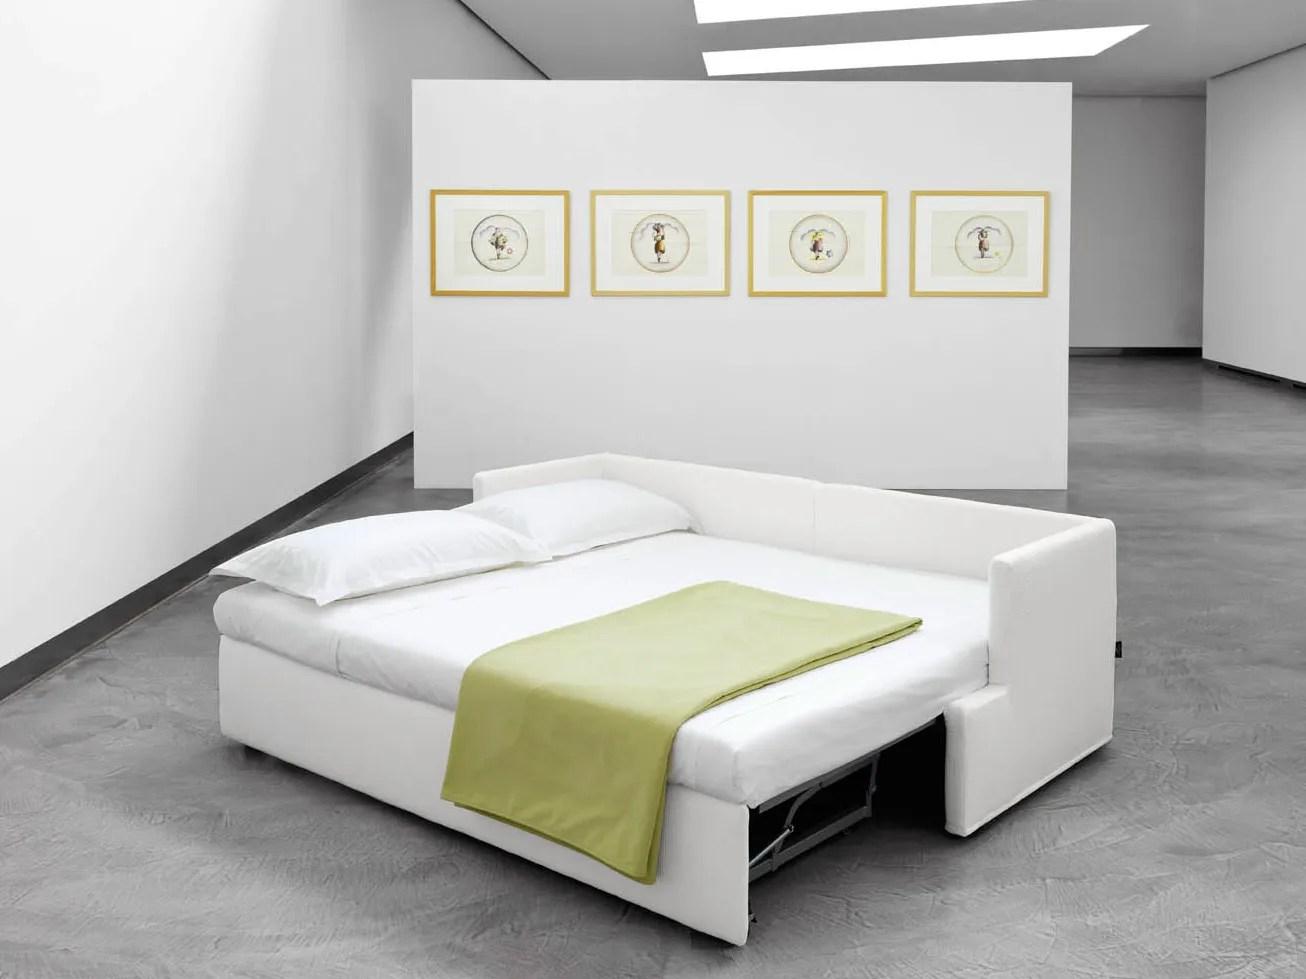 indonesian sofa bed cisco brothers sofas fabric bali by orizzonti italia design giulio manzoni